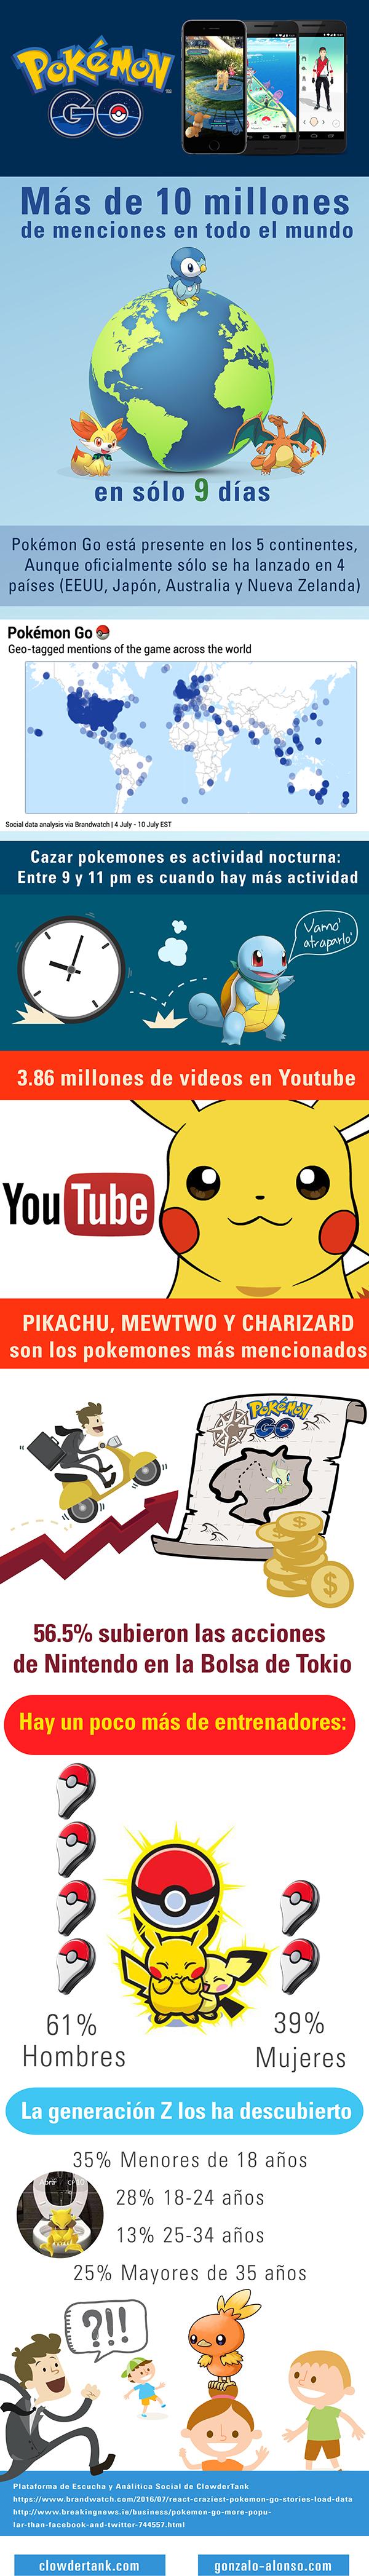 Pokemon Go arrasa en Redes Sociales